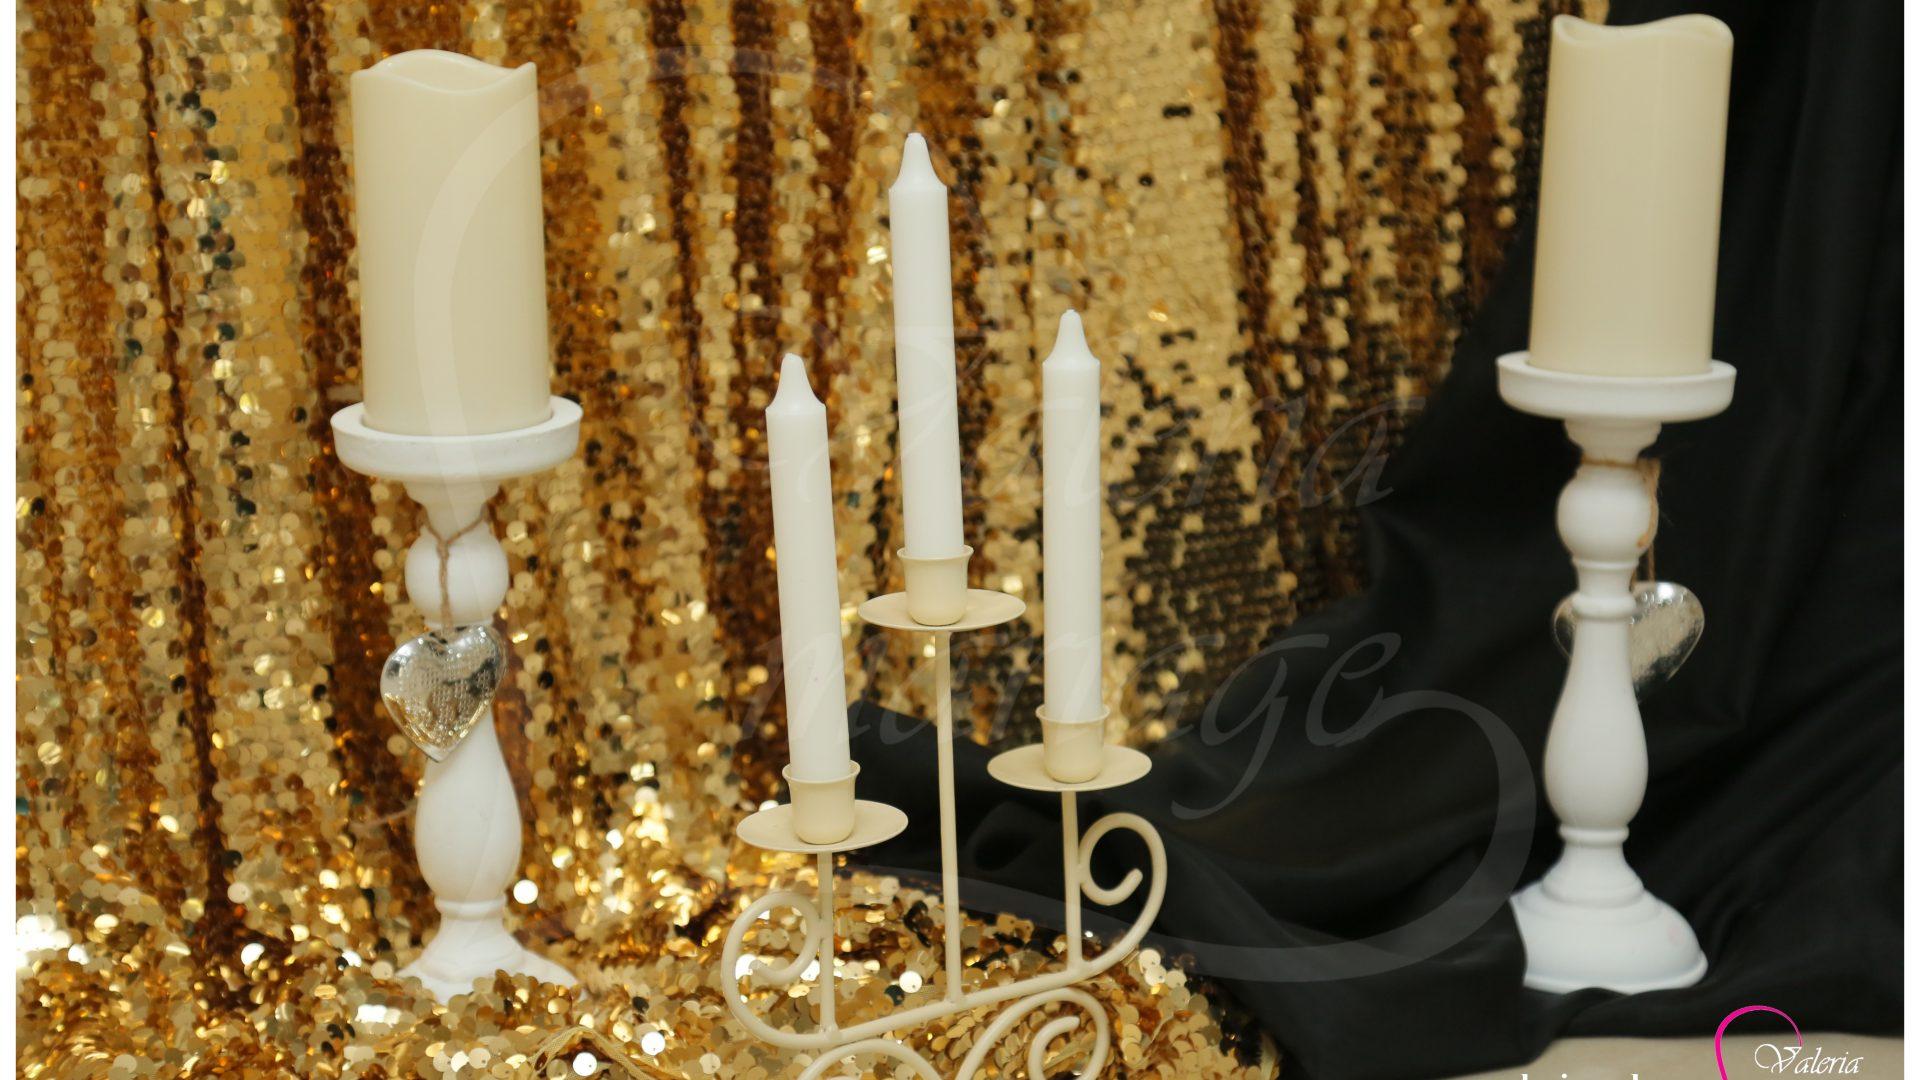 Decor Sala Agentia Valeria Mariage 069787665 www.valeria.md 9 (10)